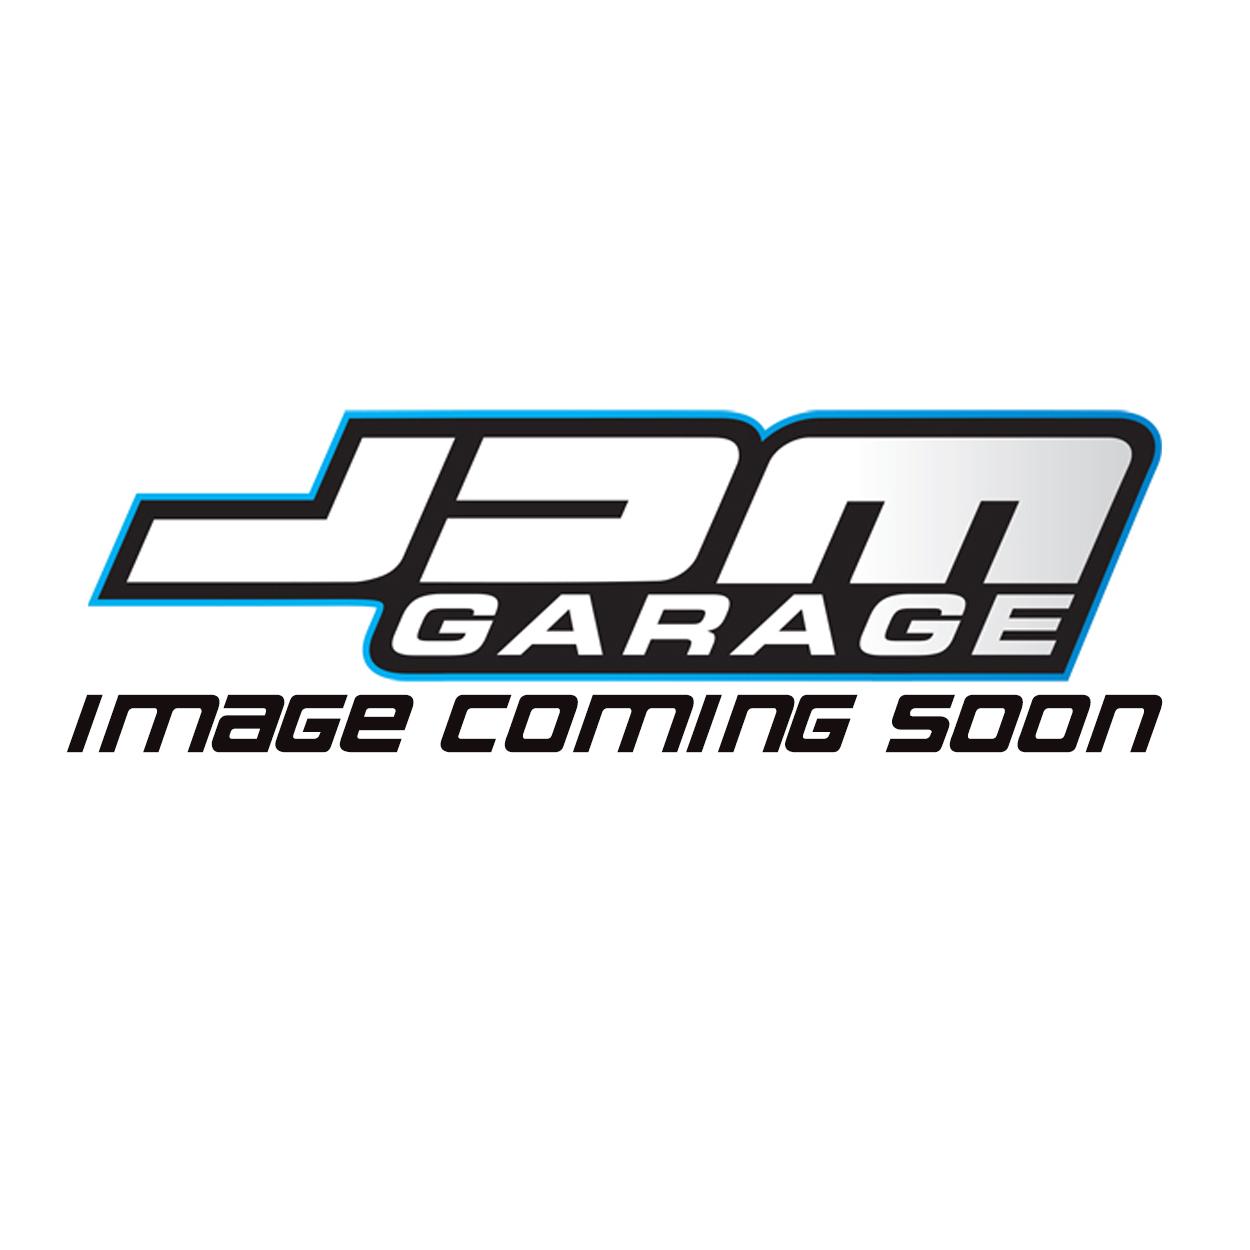 ARP Pressure Plate (Clutch Cover) Bolt Kit Nissan Skyline R32 R33 GTST R34 GTT GTR RB26DETT / Silvia S14 S14 S15 SR20DET